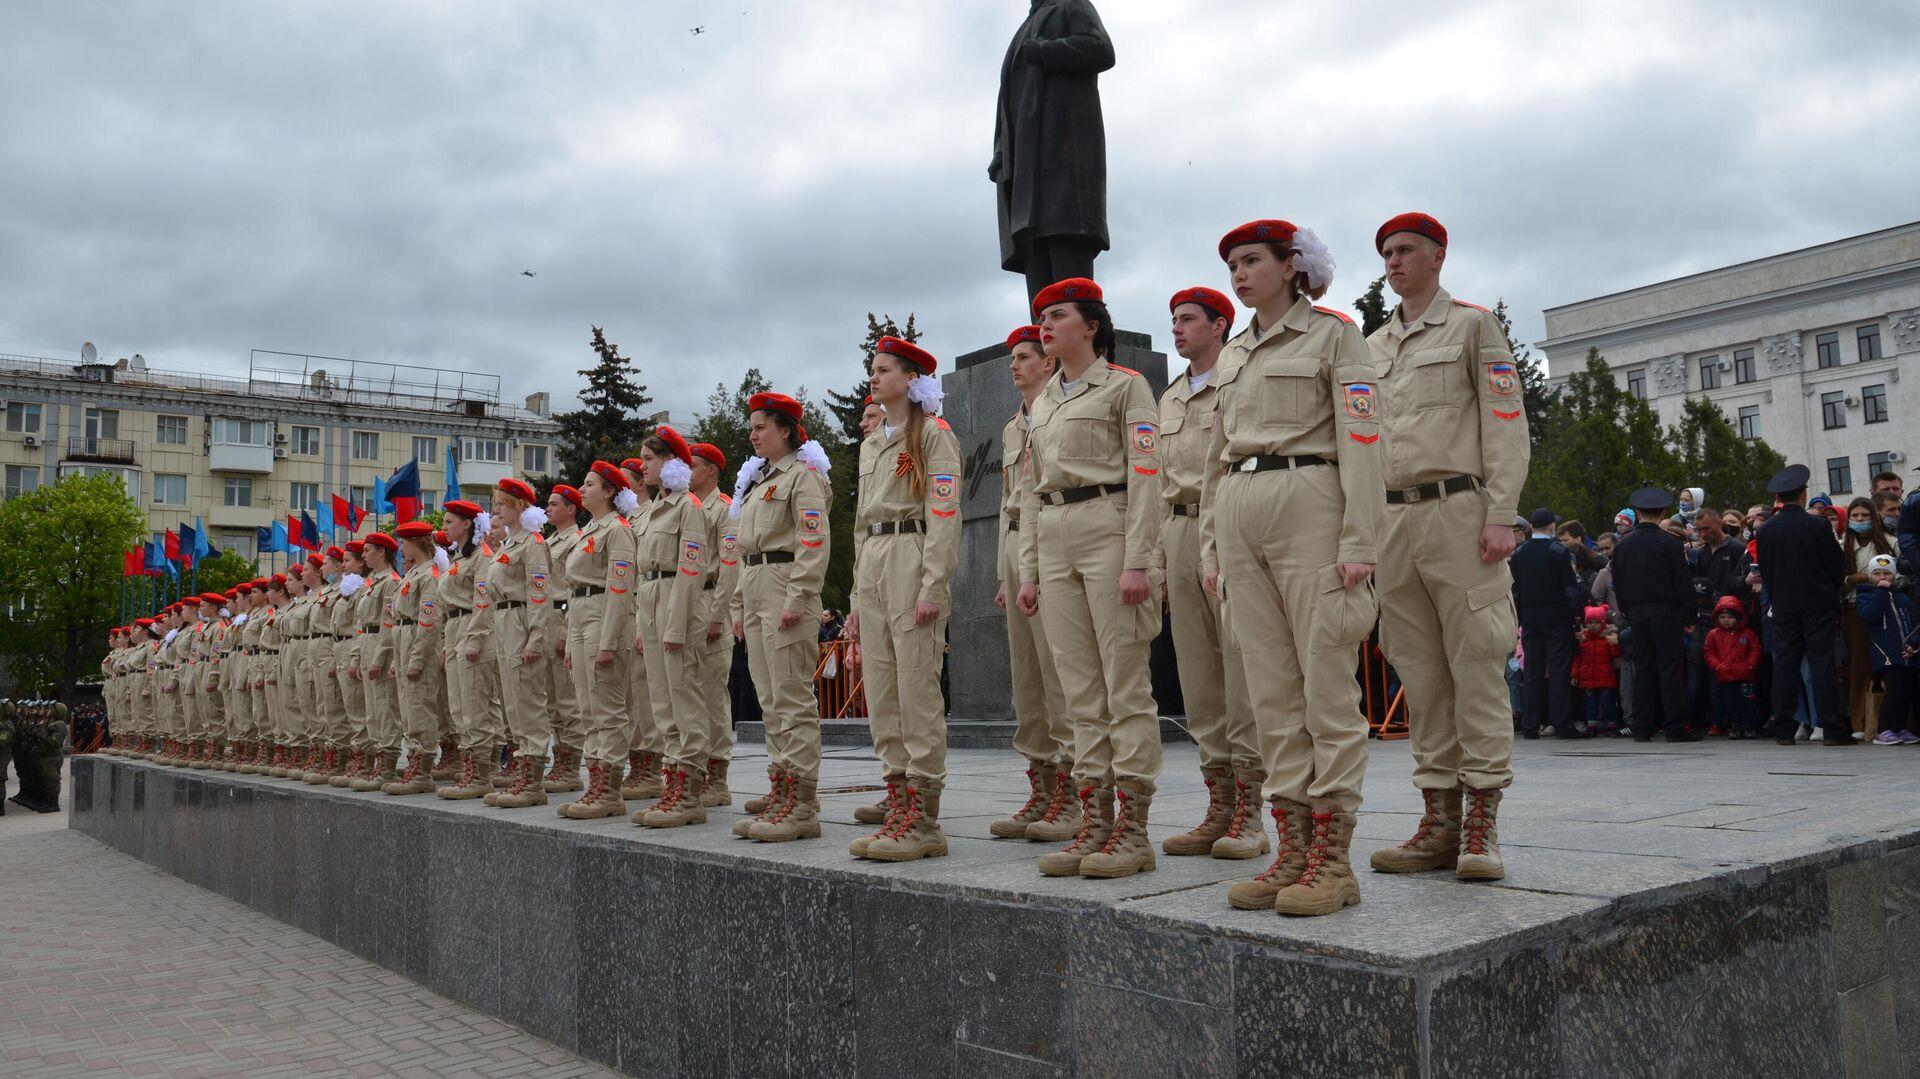 Парад в честь 76-й годовщины Победы в Великой Отечественной войне в Луганске - РИА Новости, 1920, 09.05.2021